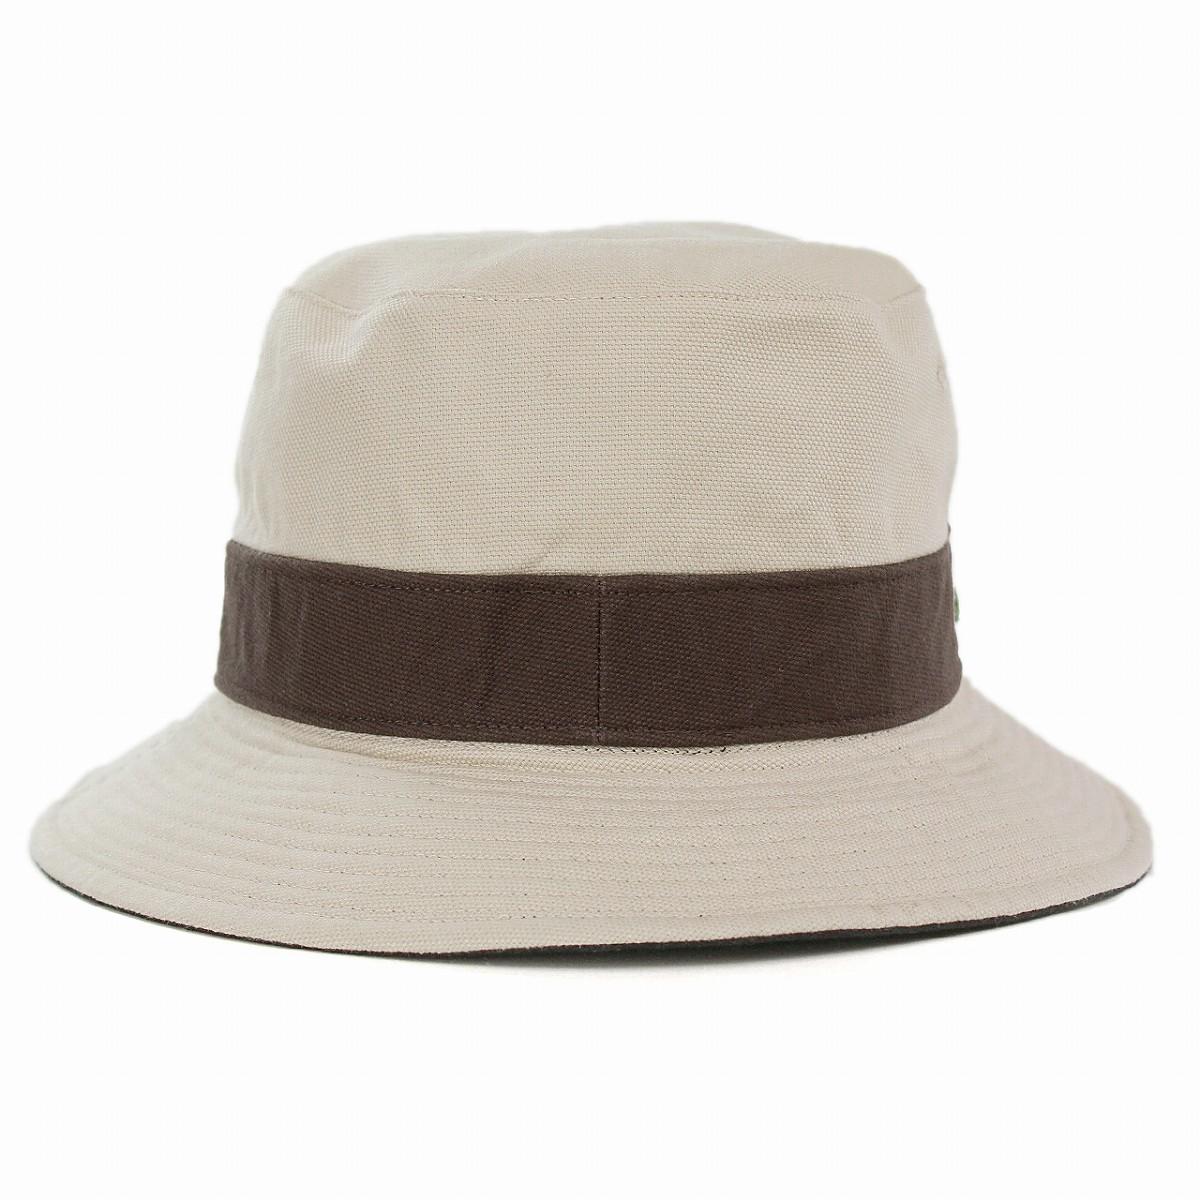 01fec50f687ef ELEHELM HAT STORE  Outdoor  LACOSTE beige Brown   hats   men s   hat ...